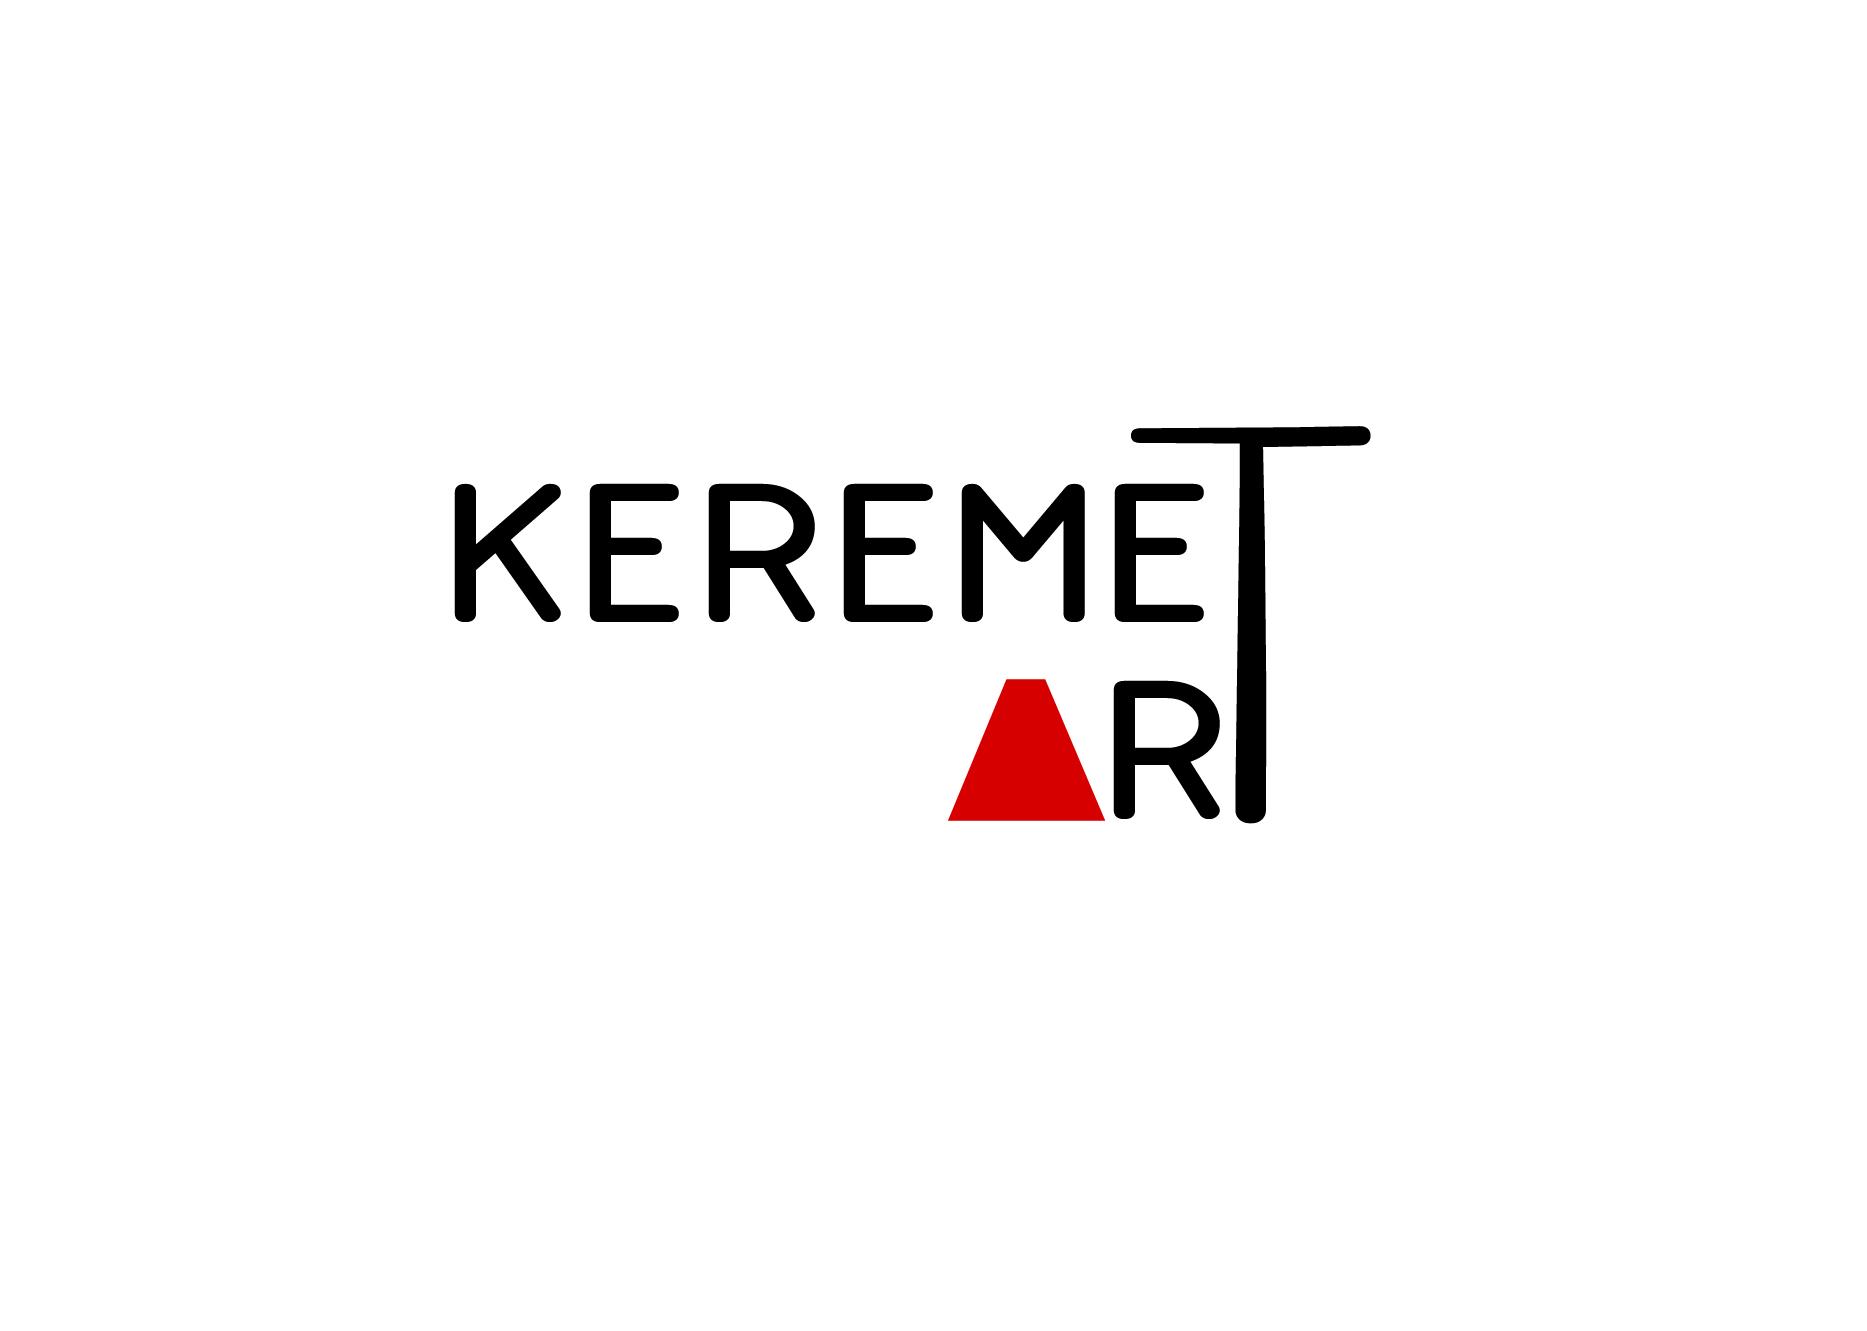 KEREME Art